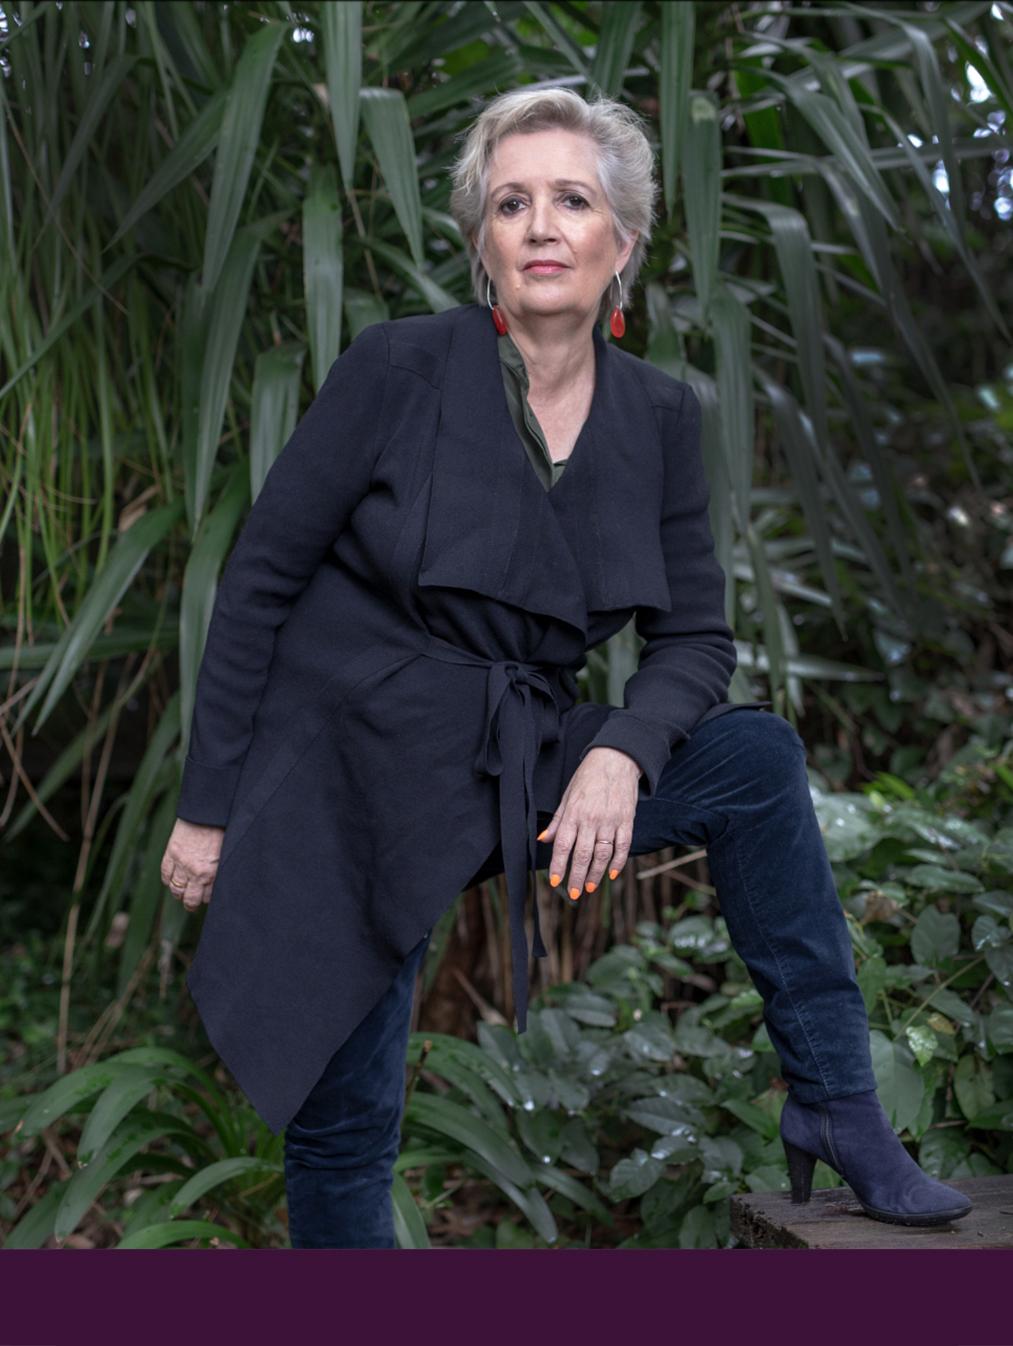 Jane Caro